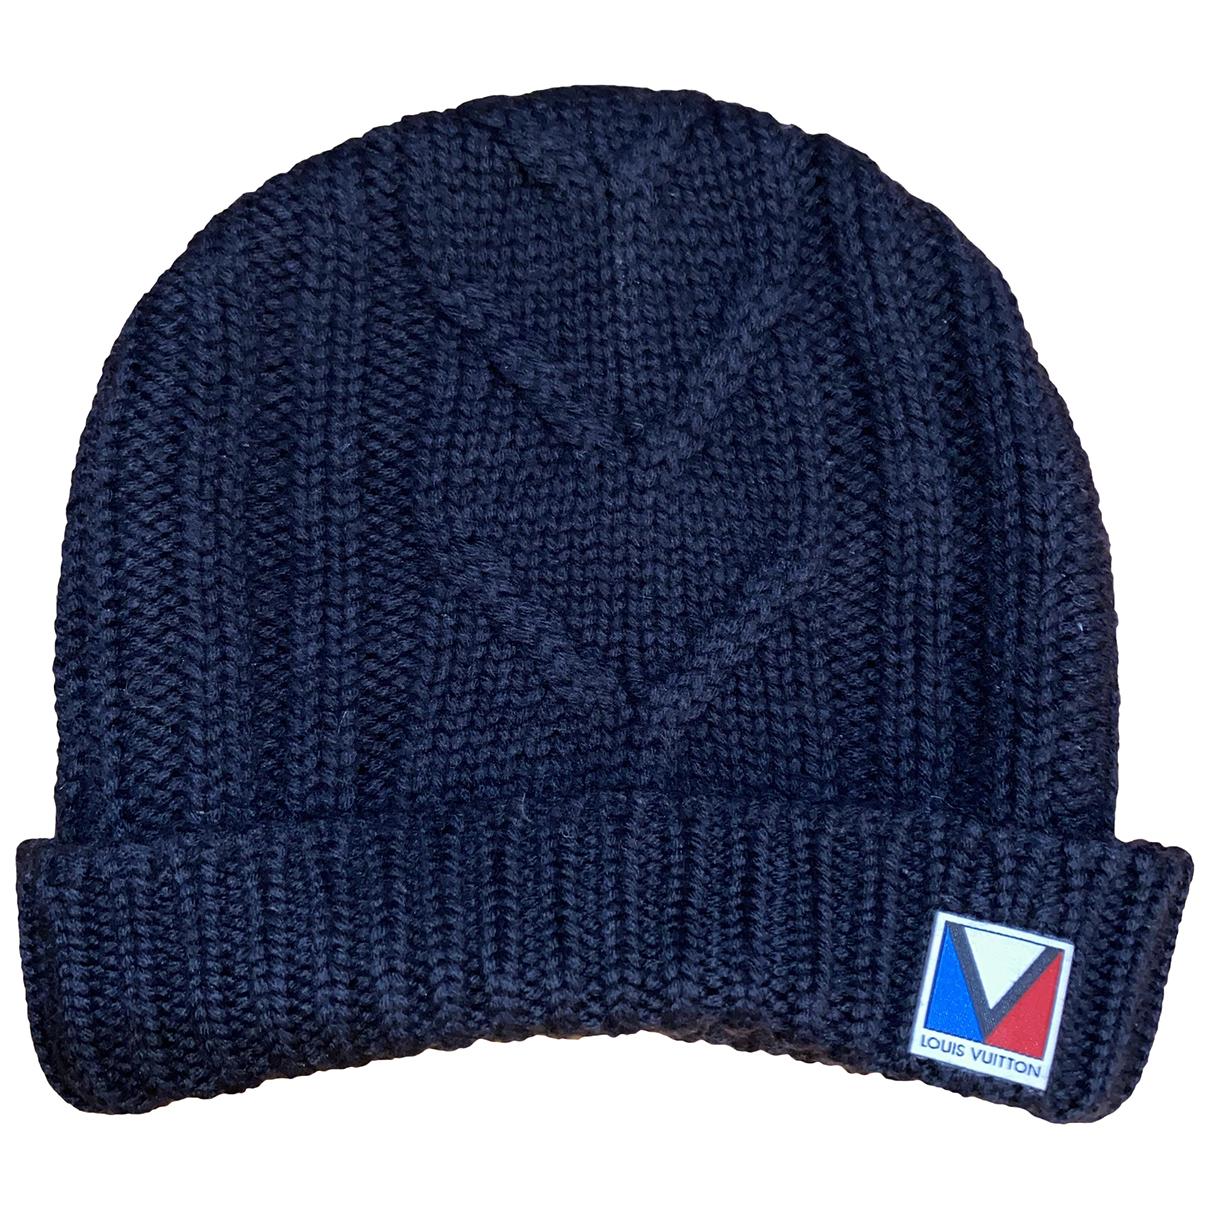 Sombrero / gorro de Lana Louis Vuitton